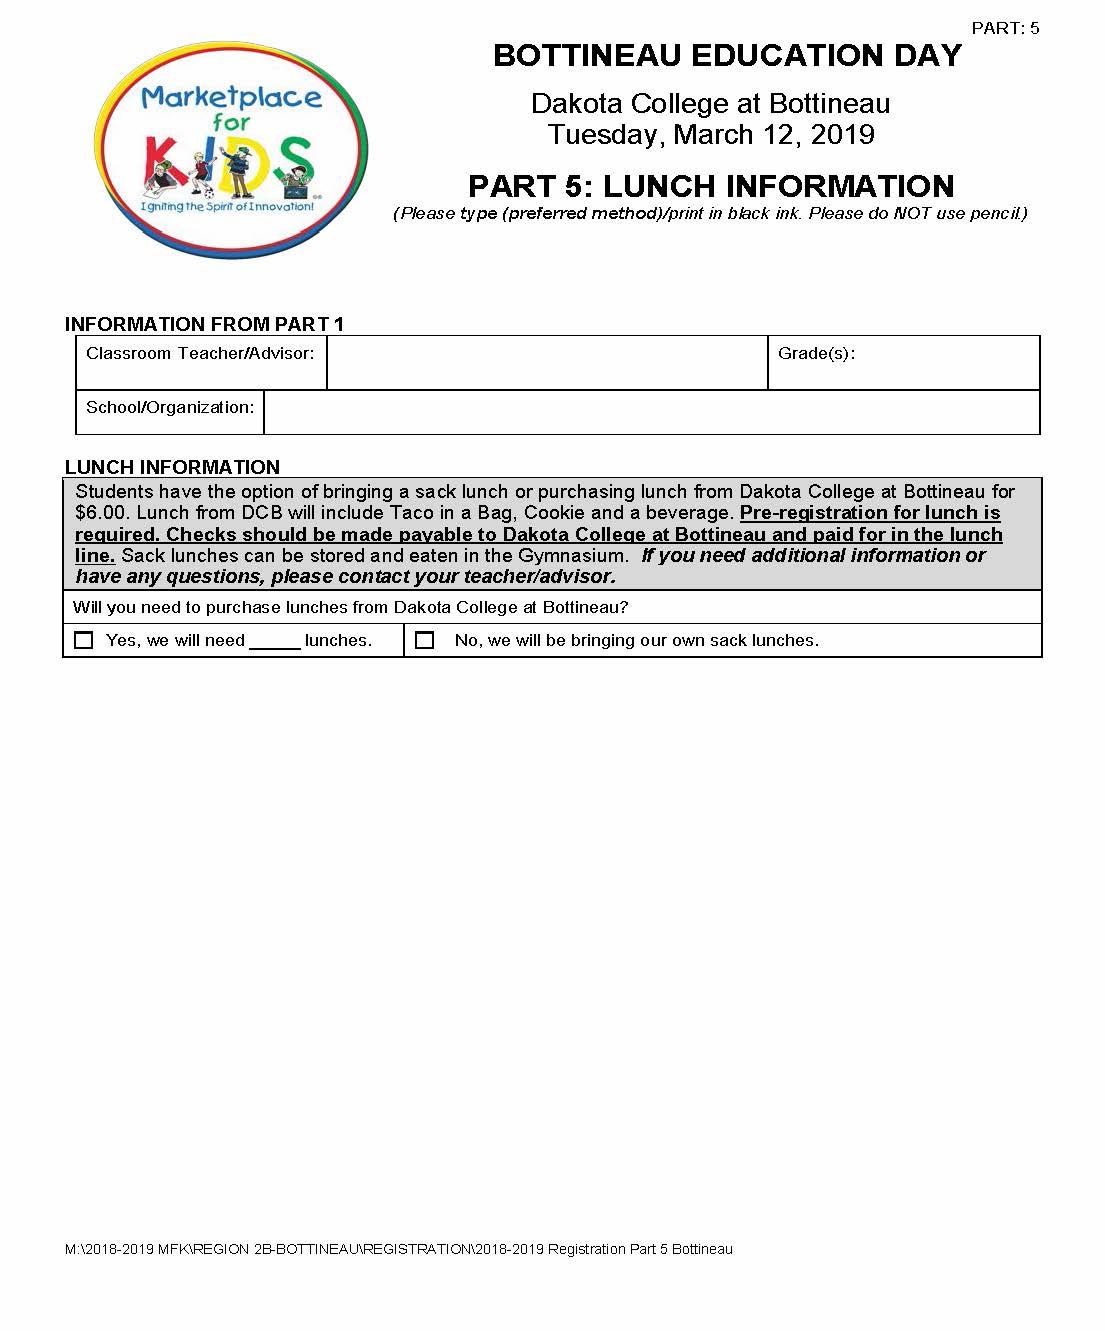 Bottineau Registration Part 5